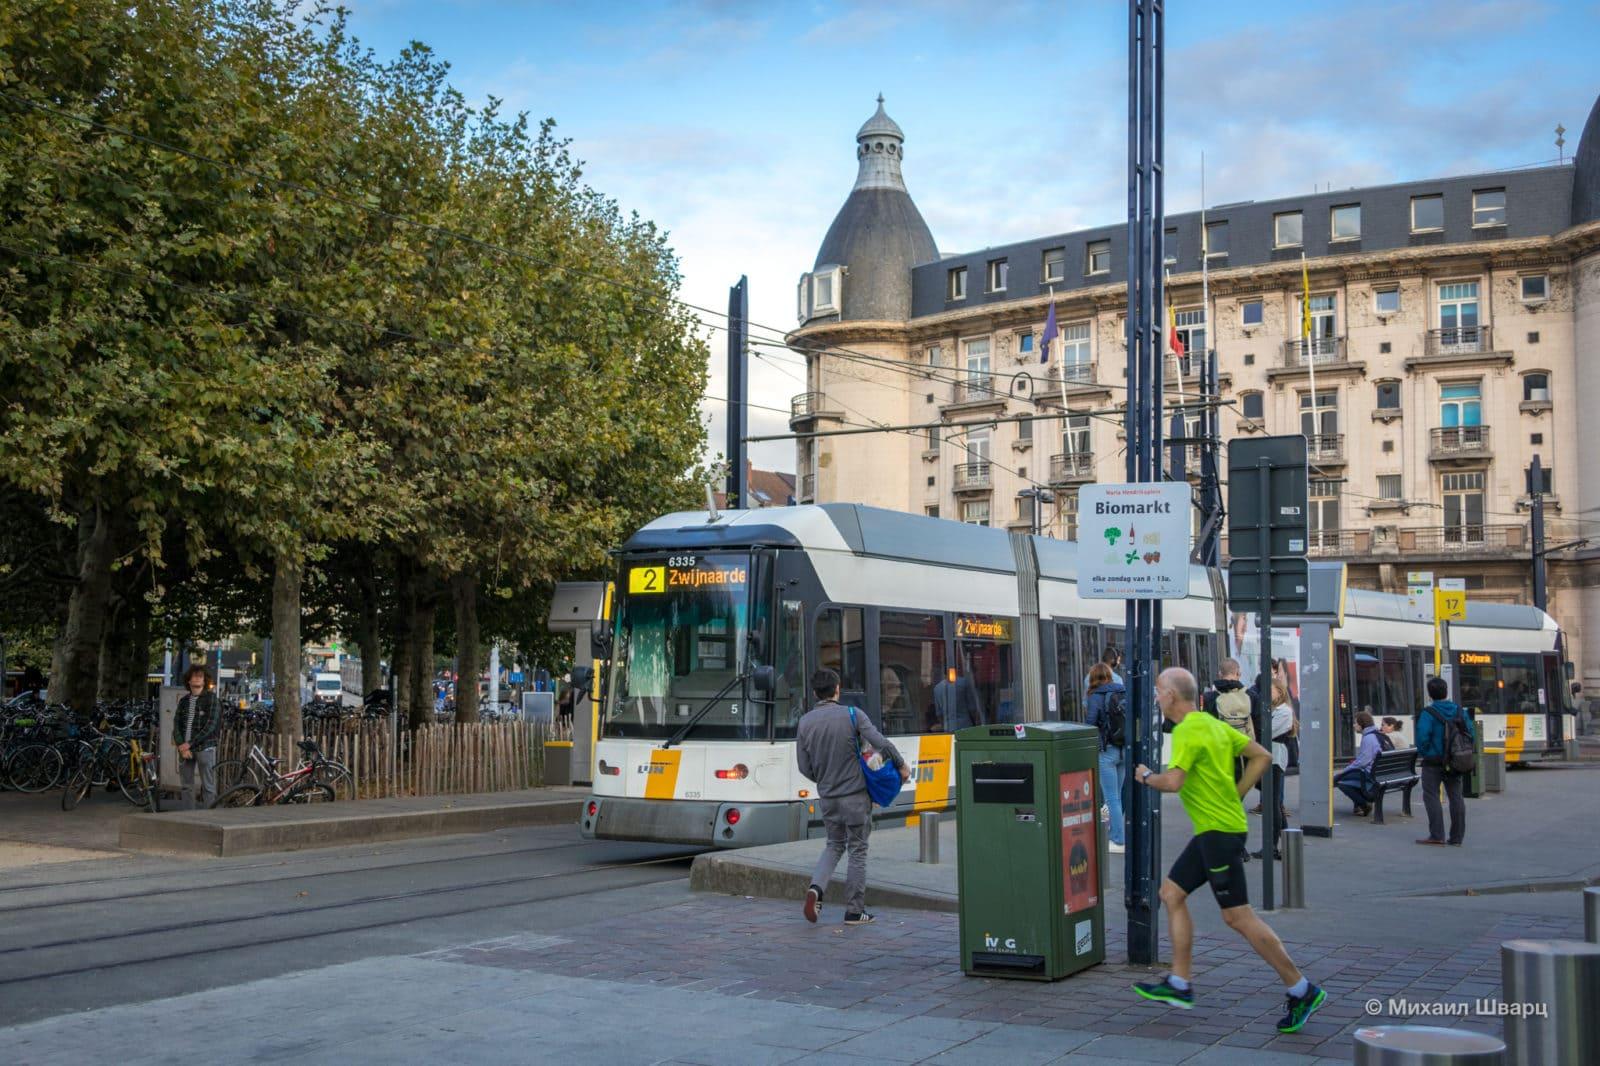 Остановка трамвая на привокзальной площади